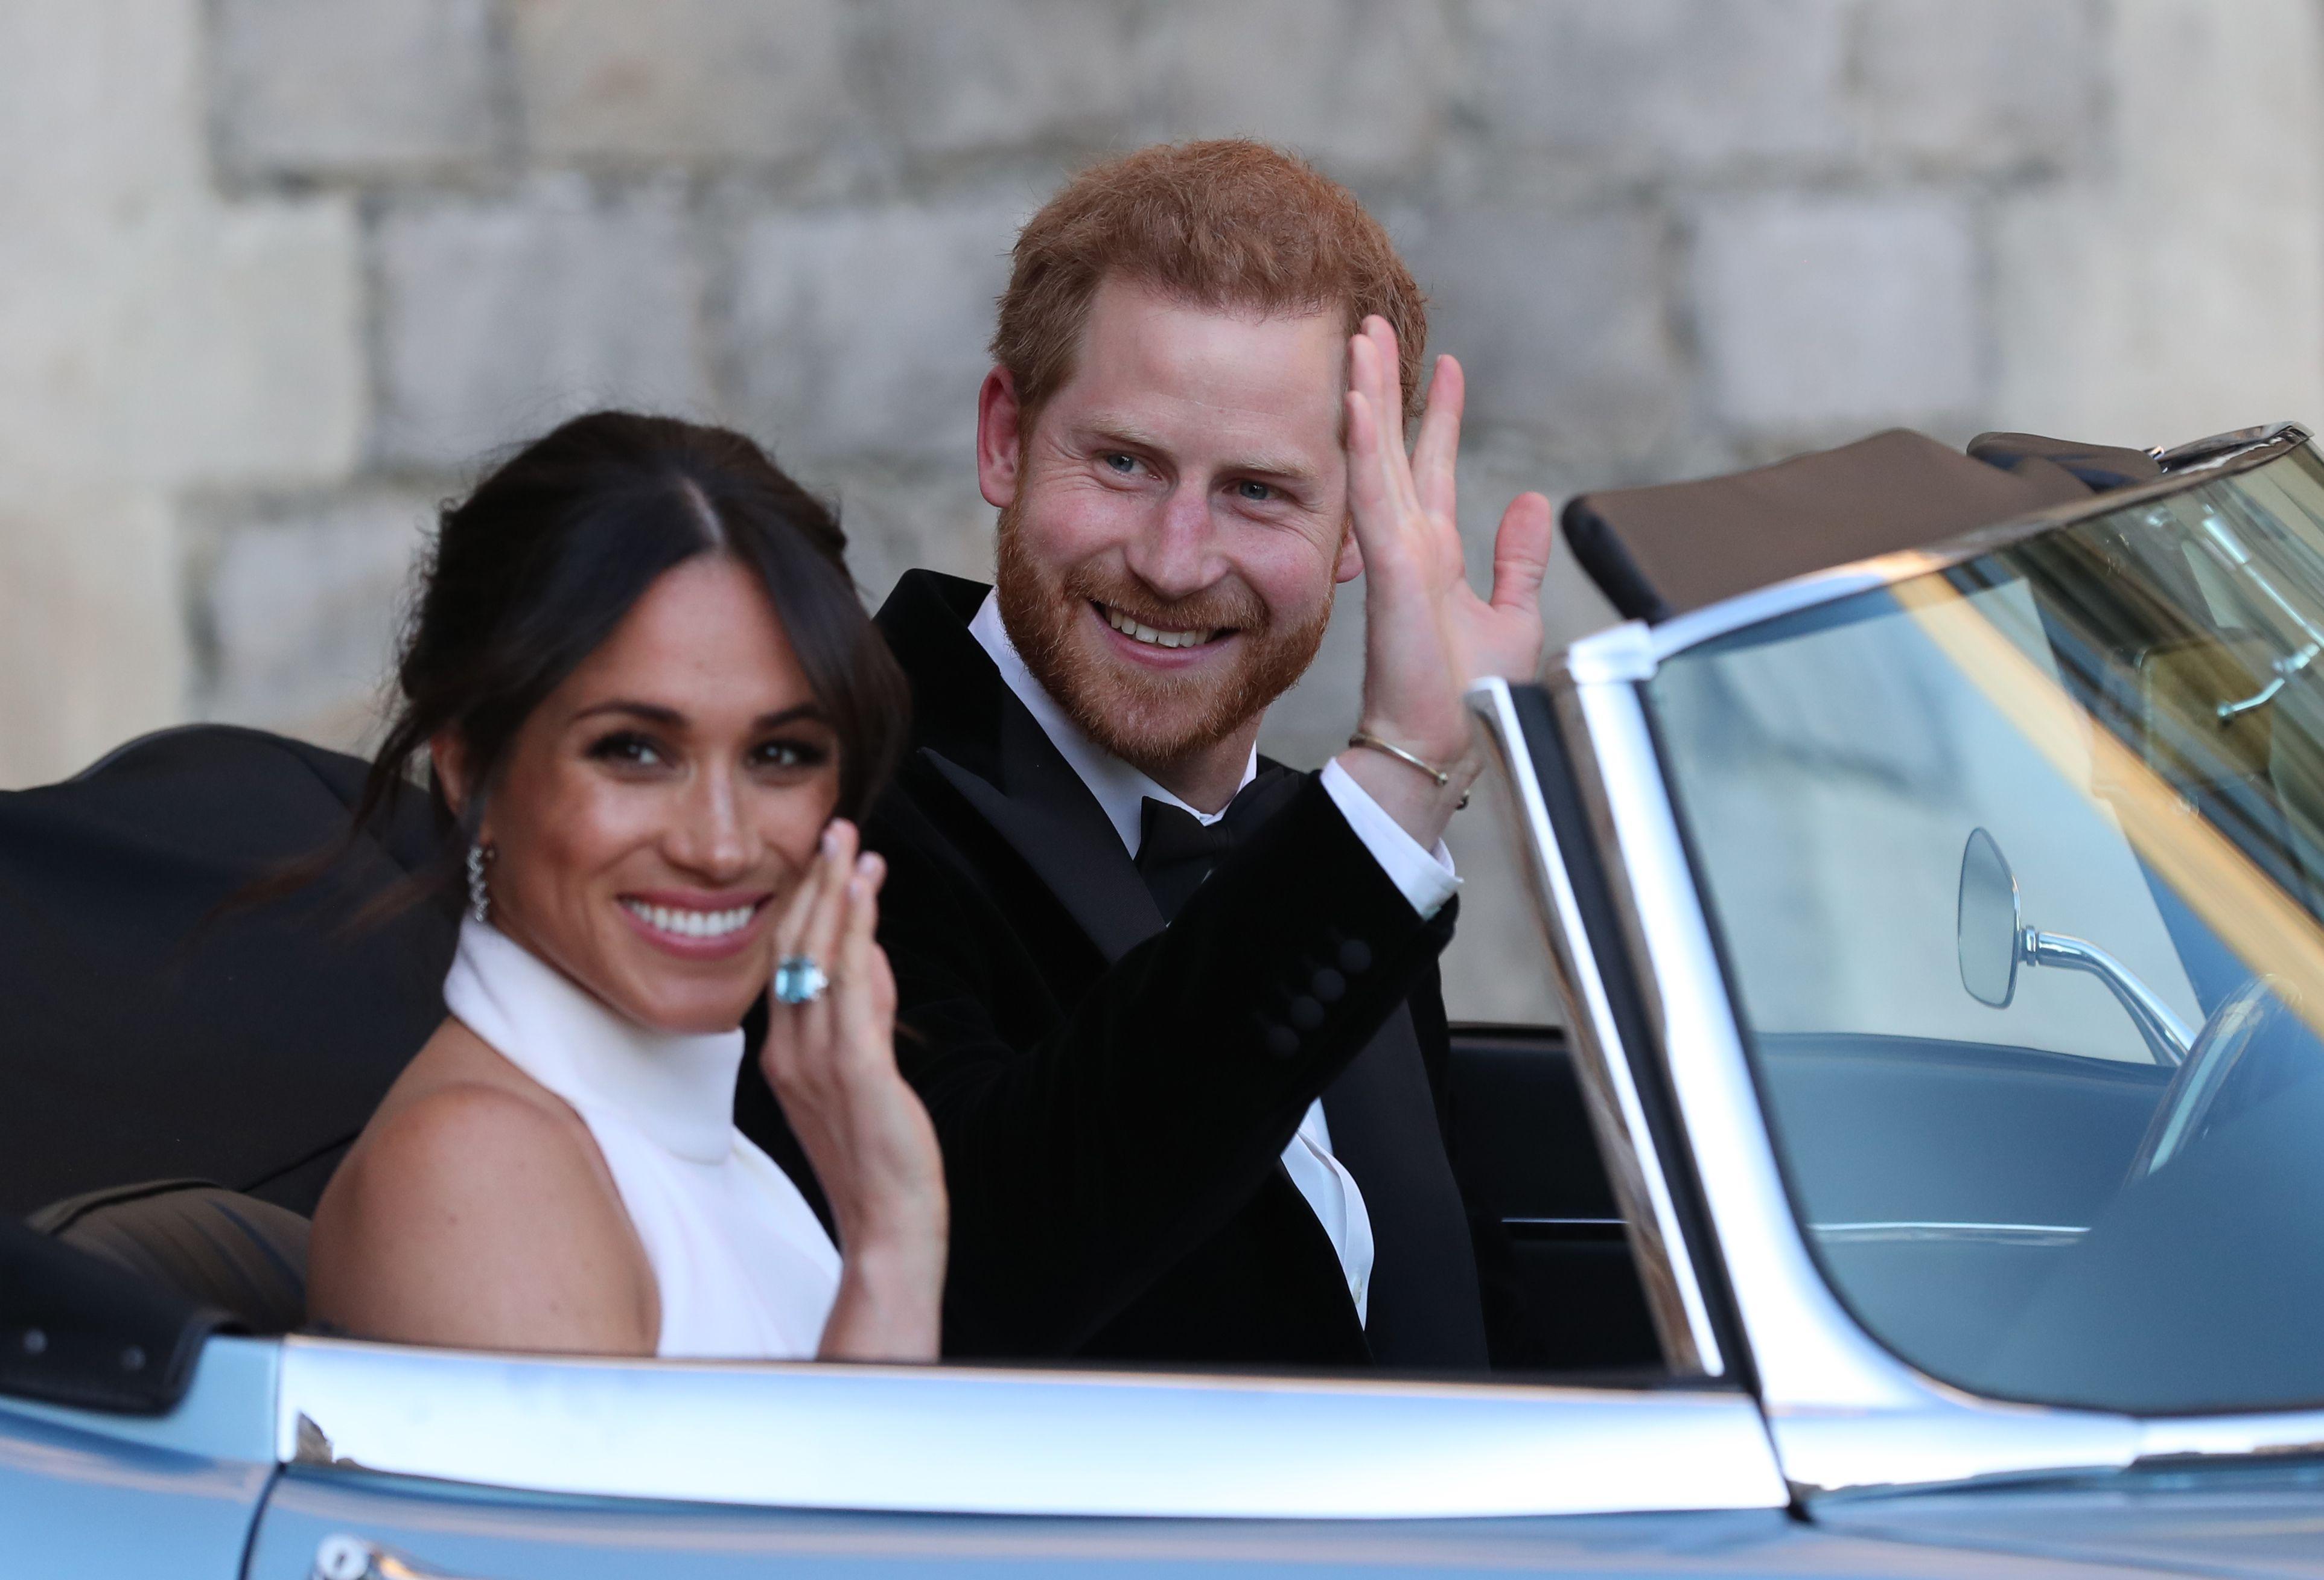 meghan markle and prince harry share rare wedding photo for 2018 christmas card meghan markle and prince harry share